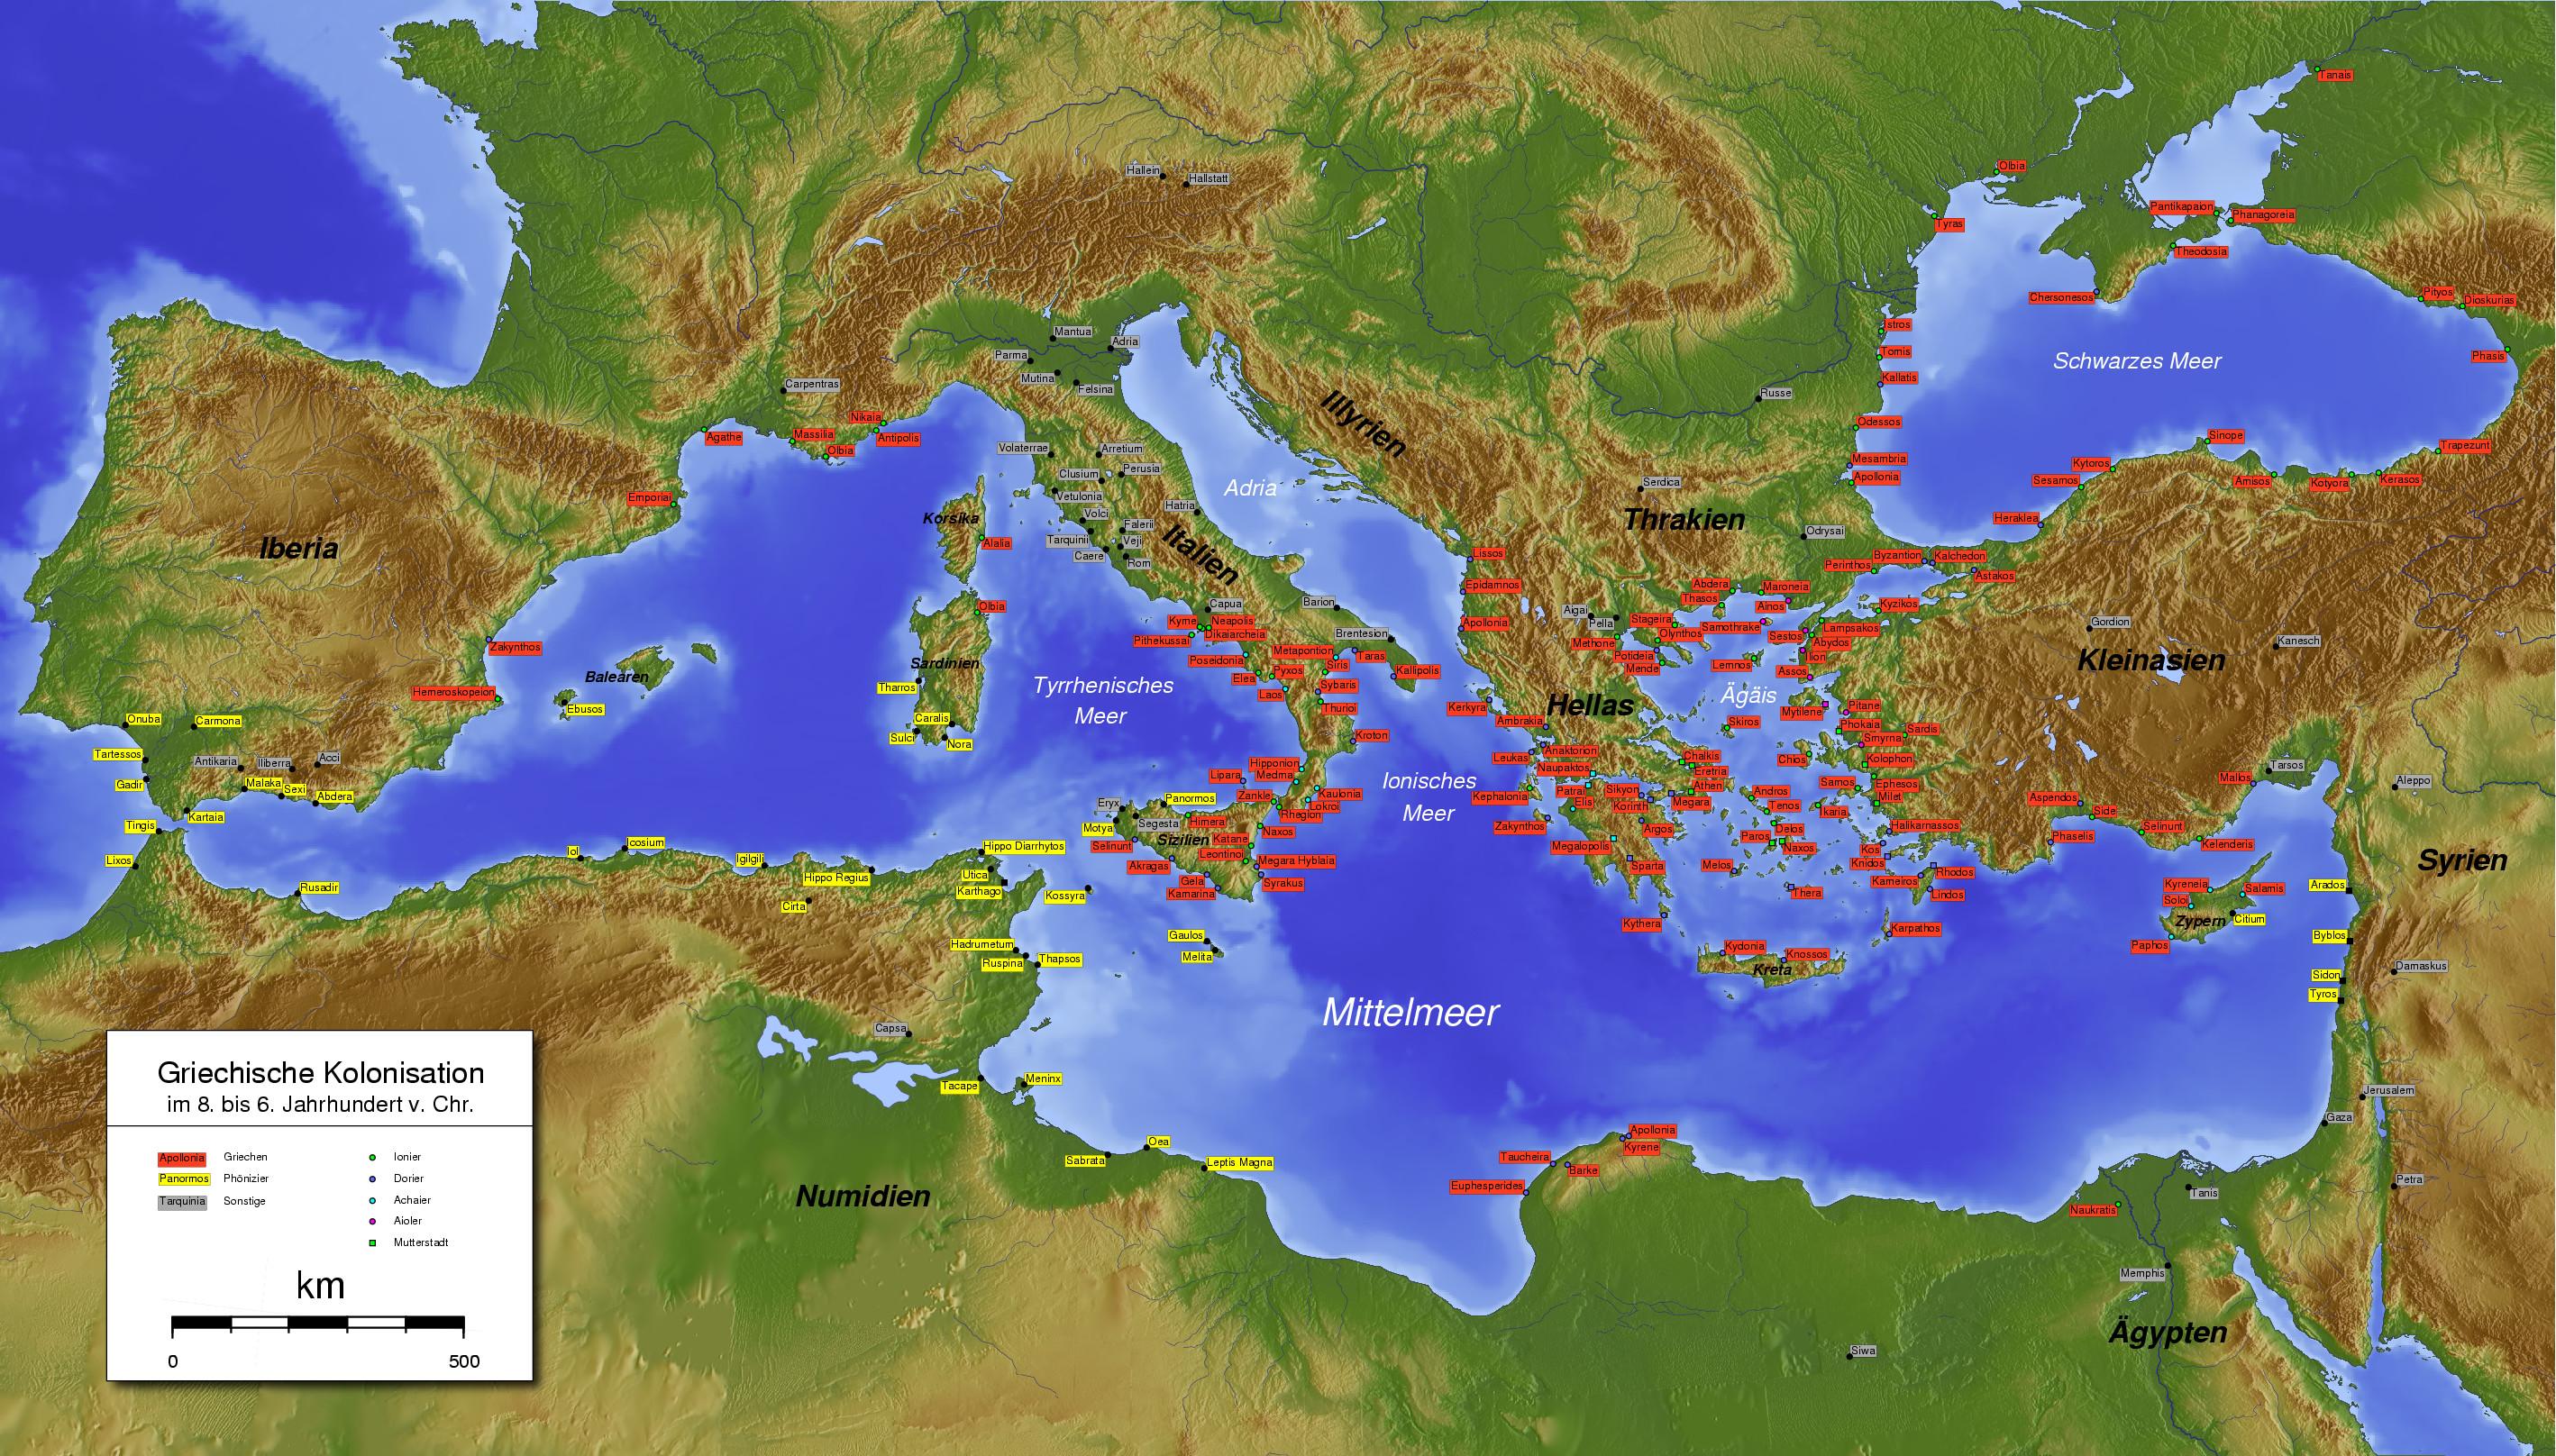 Colonización griega y fenicia, Siglo VI aC